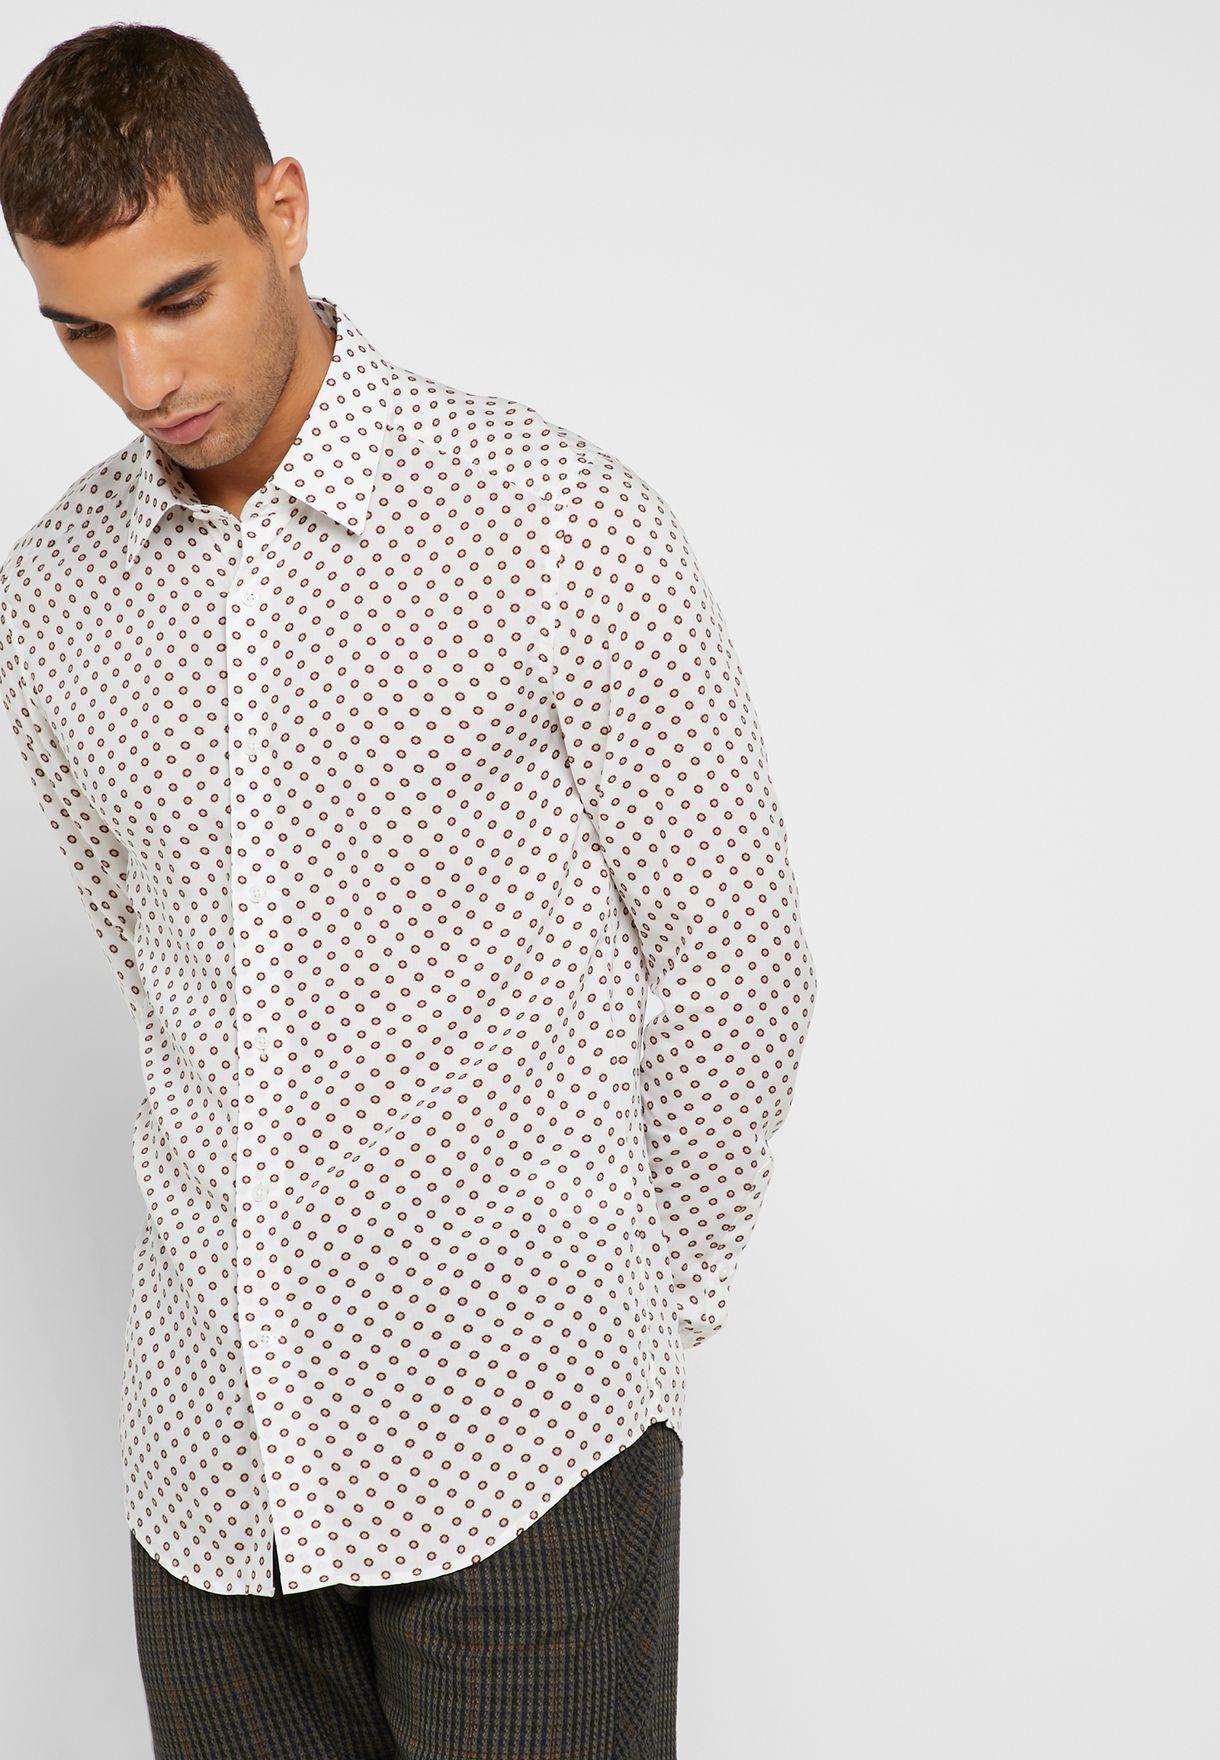 قميص كلاسيكي بطبعات